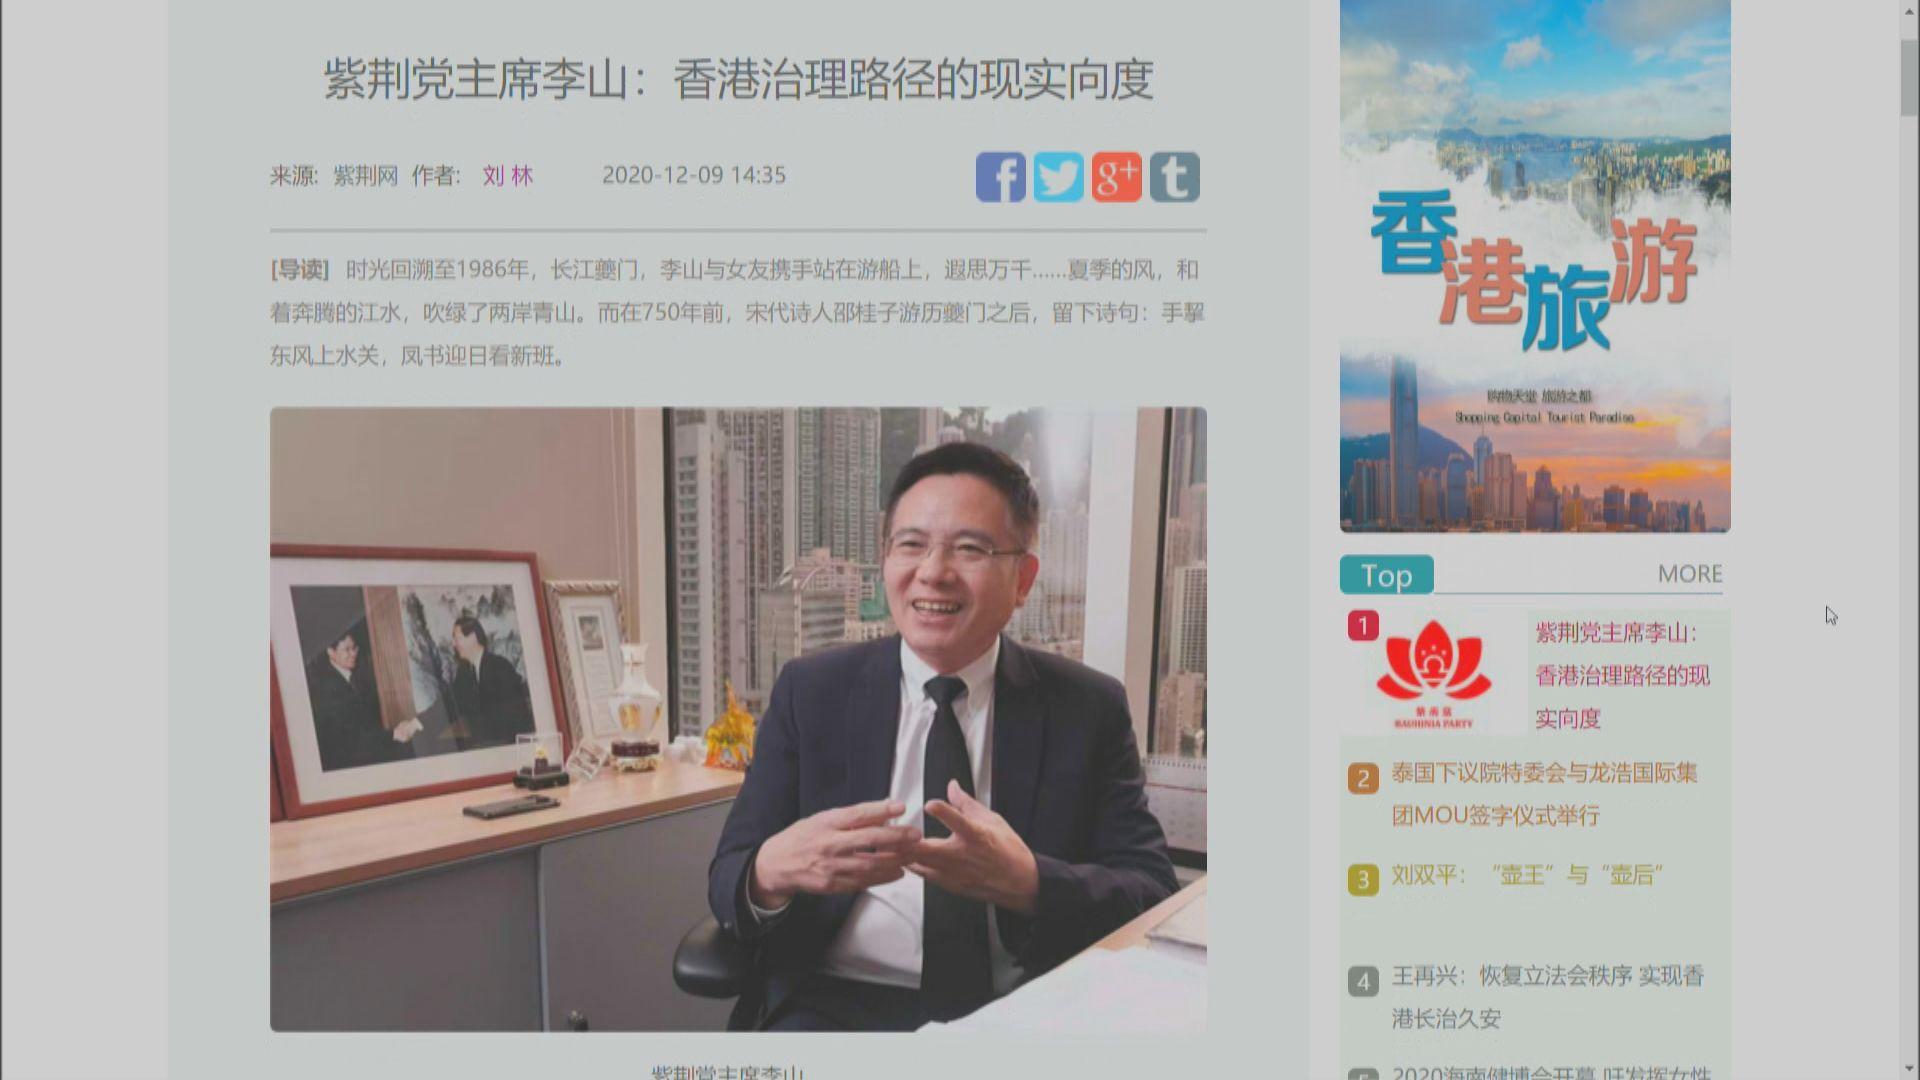 紫荊黨成立 民建聯自由黨認為不受威脅